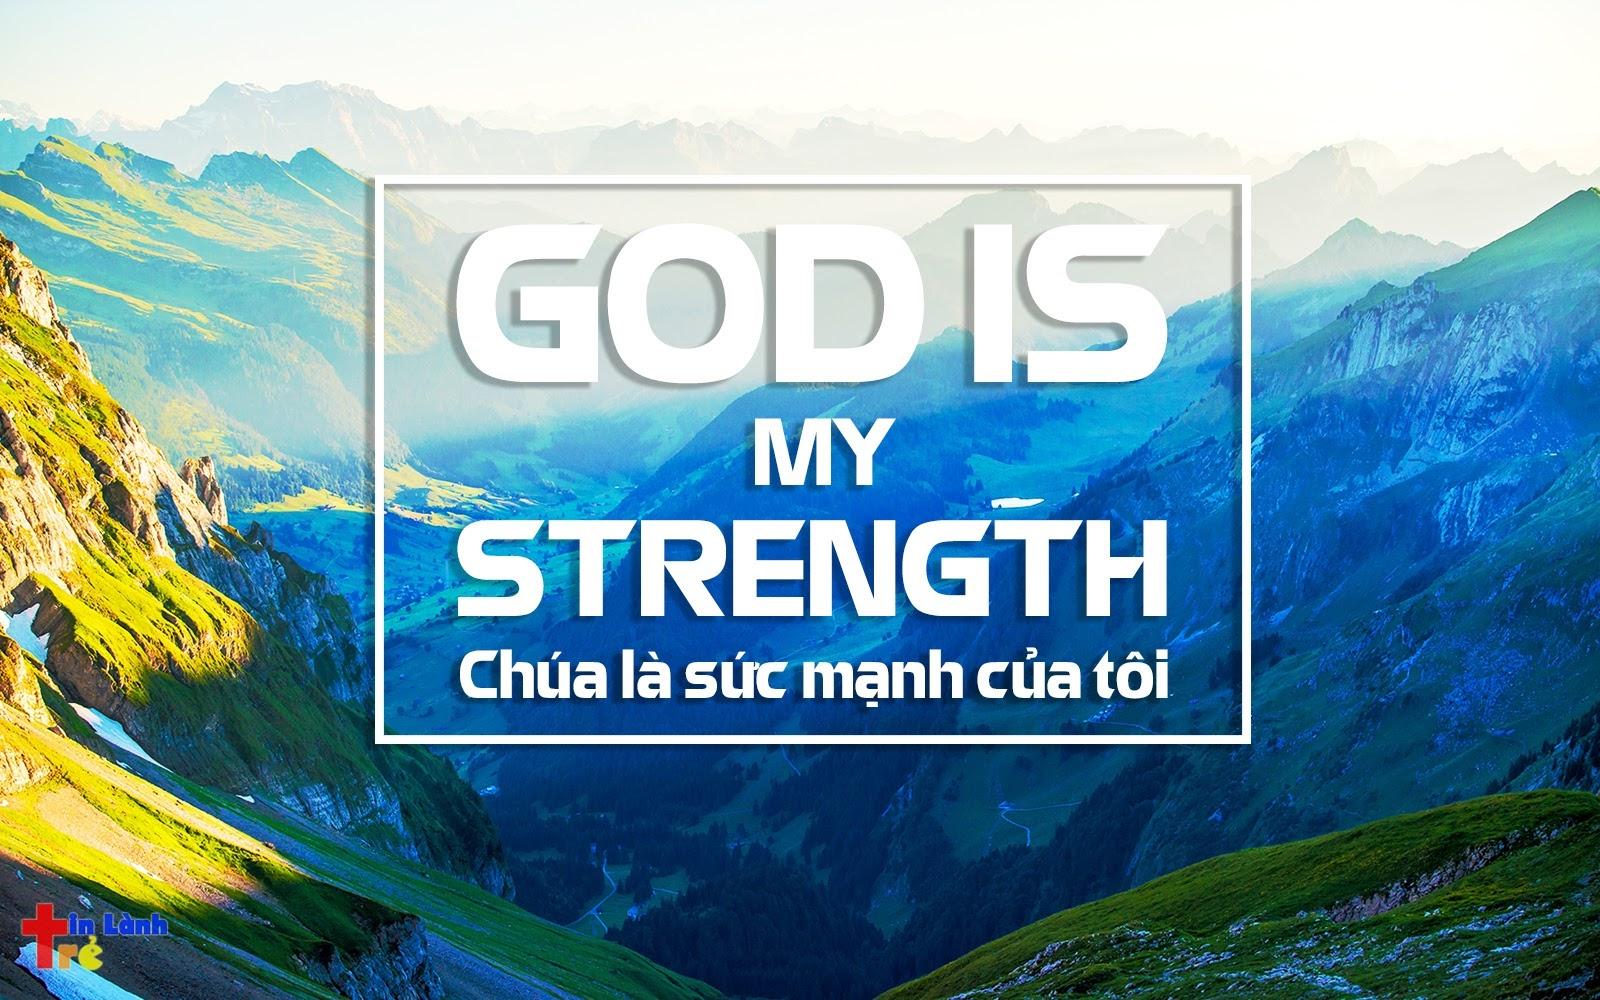 God is my strength (Chúa là sức mạnh của tôi)